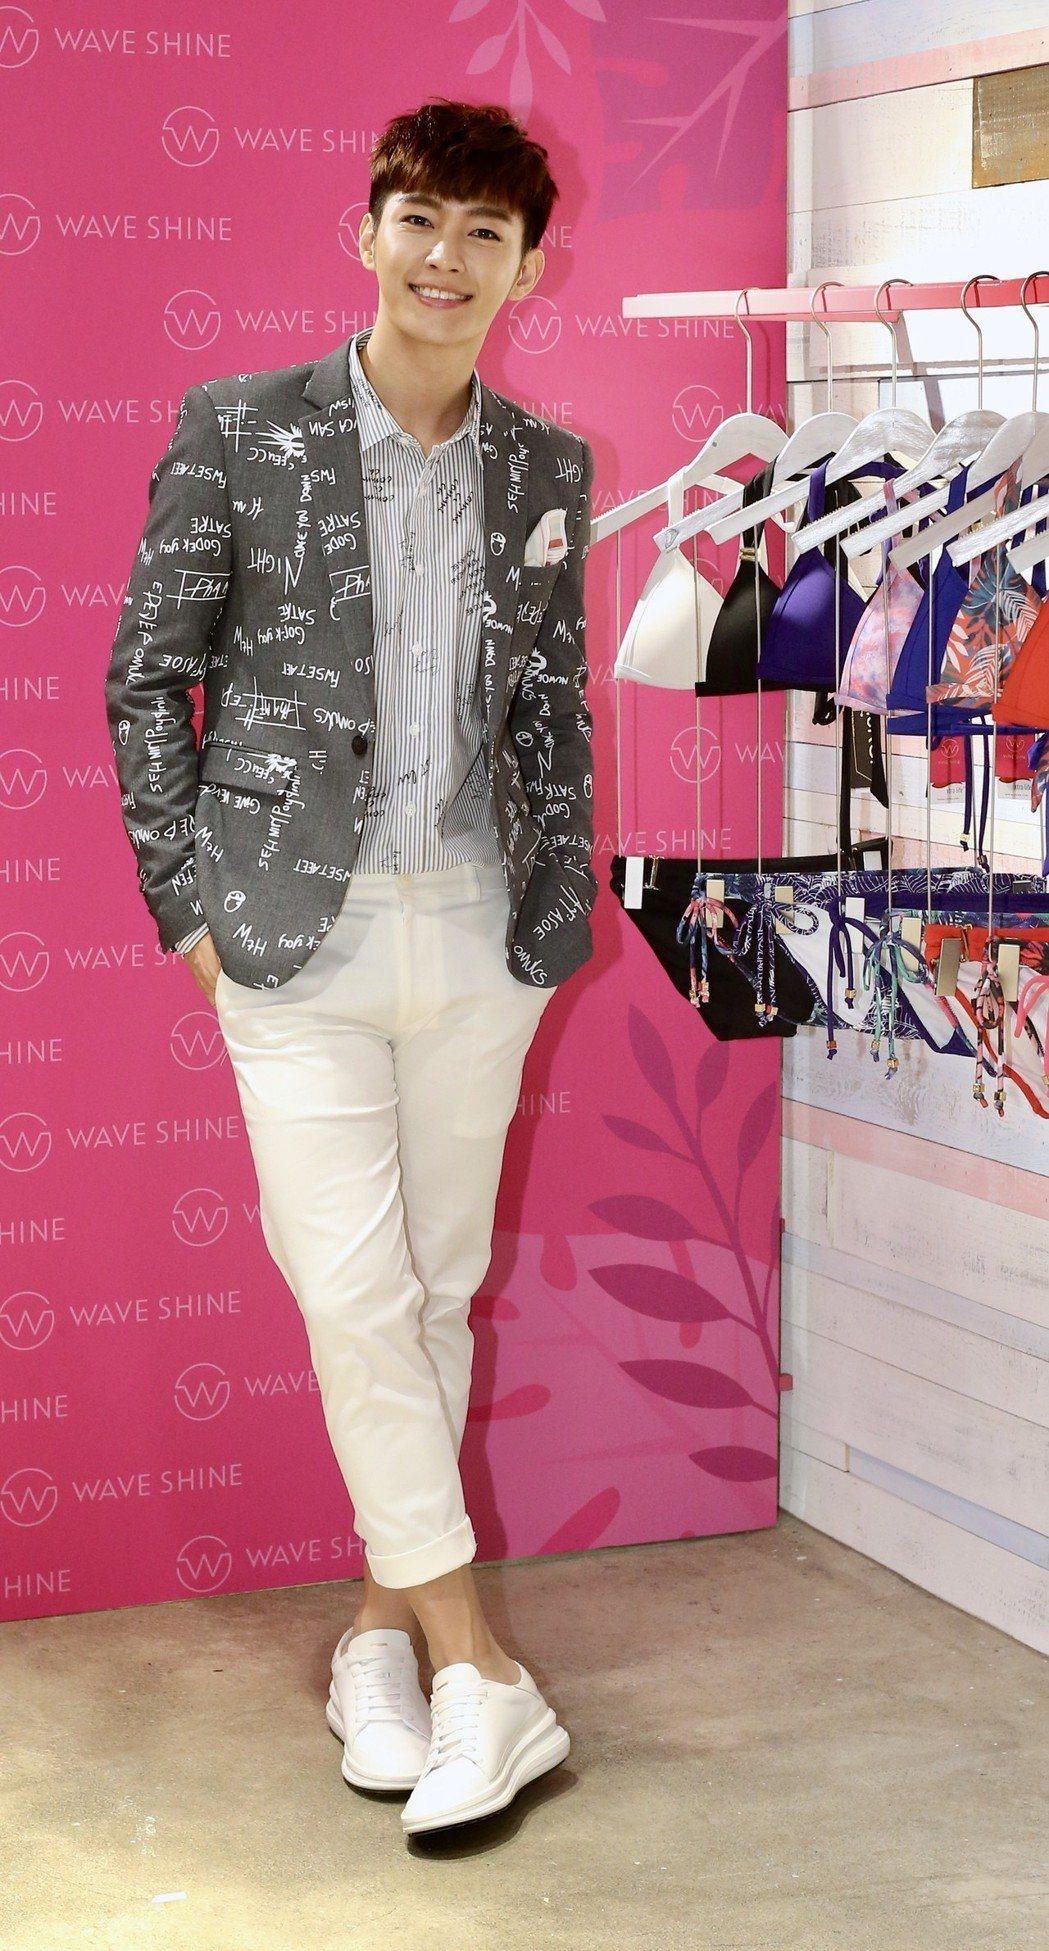 炎亞綸擔任泳裝品牌WAVE SHINE一日店長,分享對健康性感的泳裝看法,並用貼...